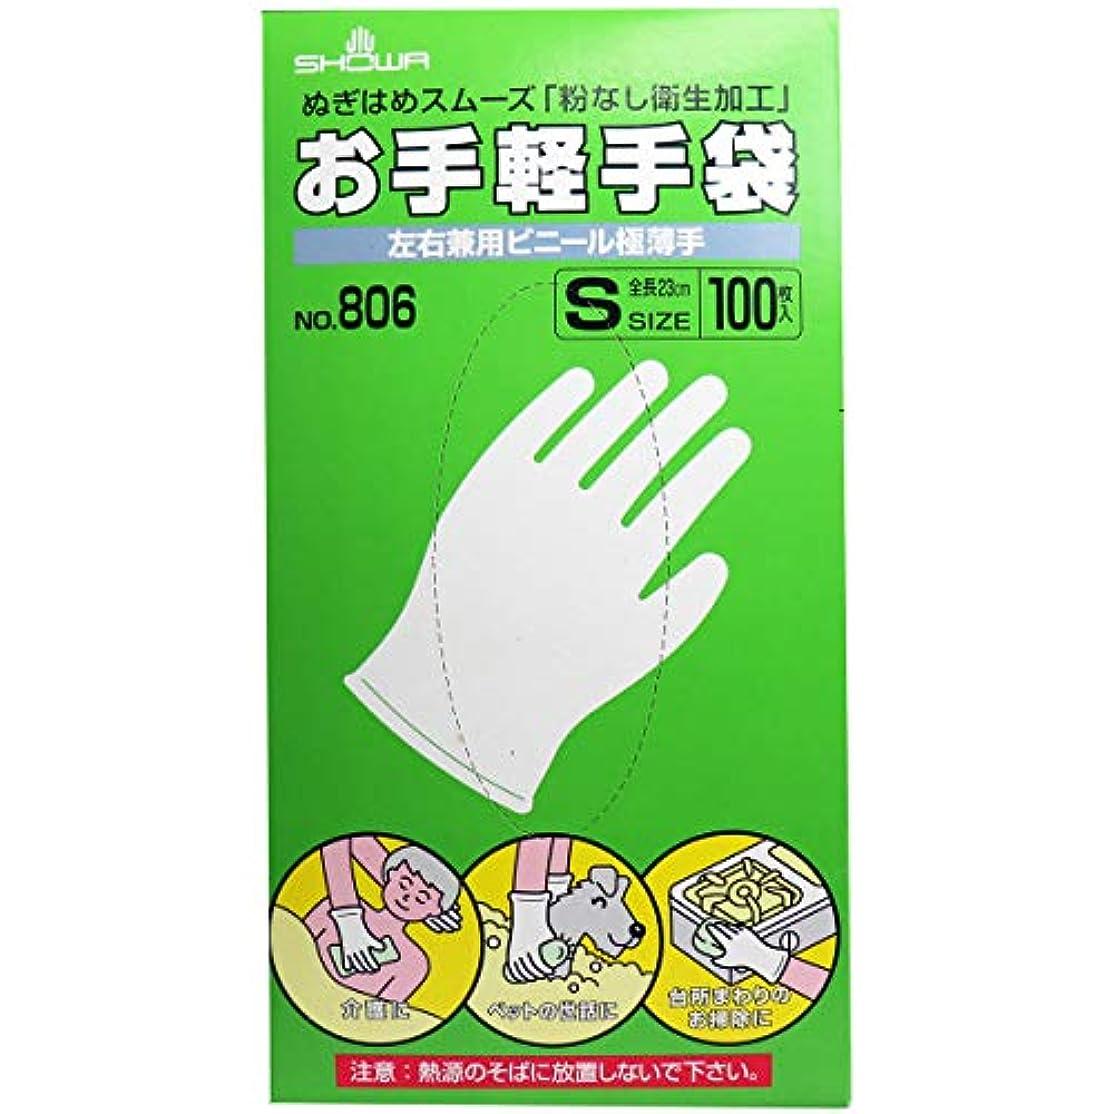 依存する水曜日トロピカルお手軽手袋 No.806 左右兼用ビニール極薄手 粉なし Sサイズ 100枚入×10個セット